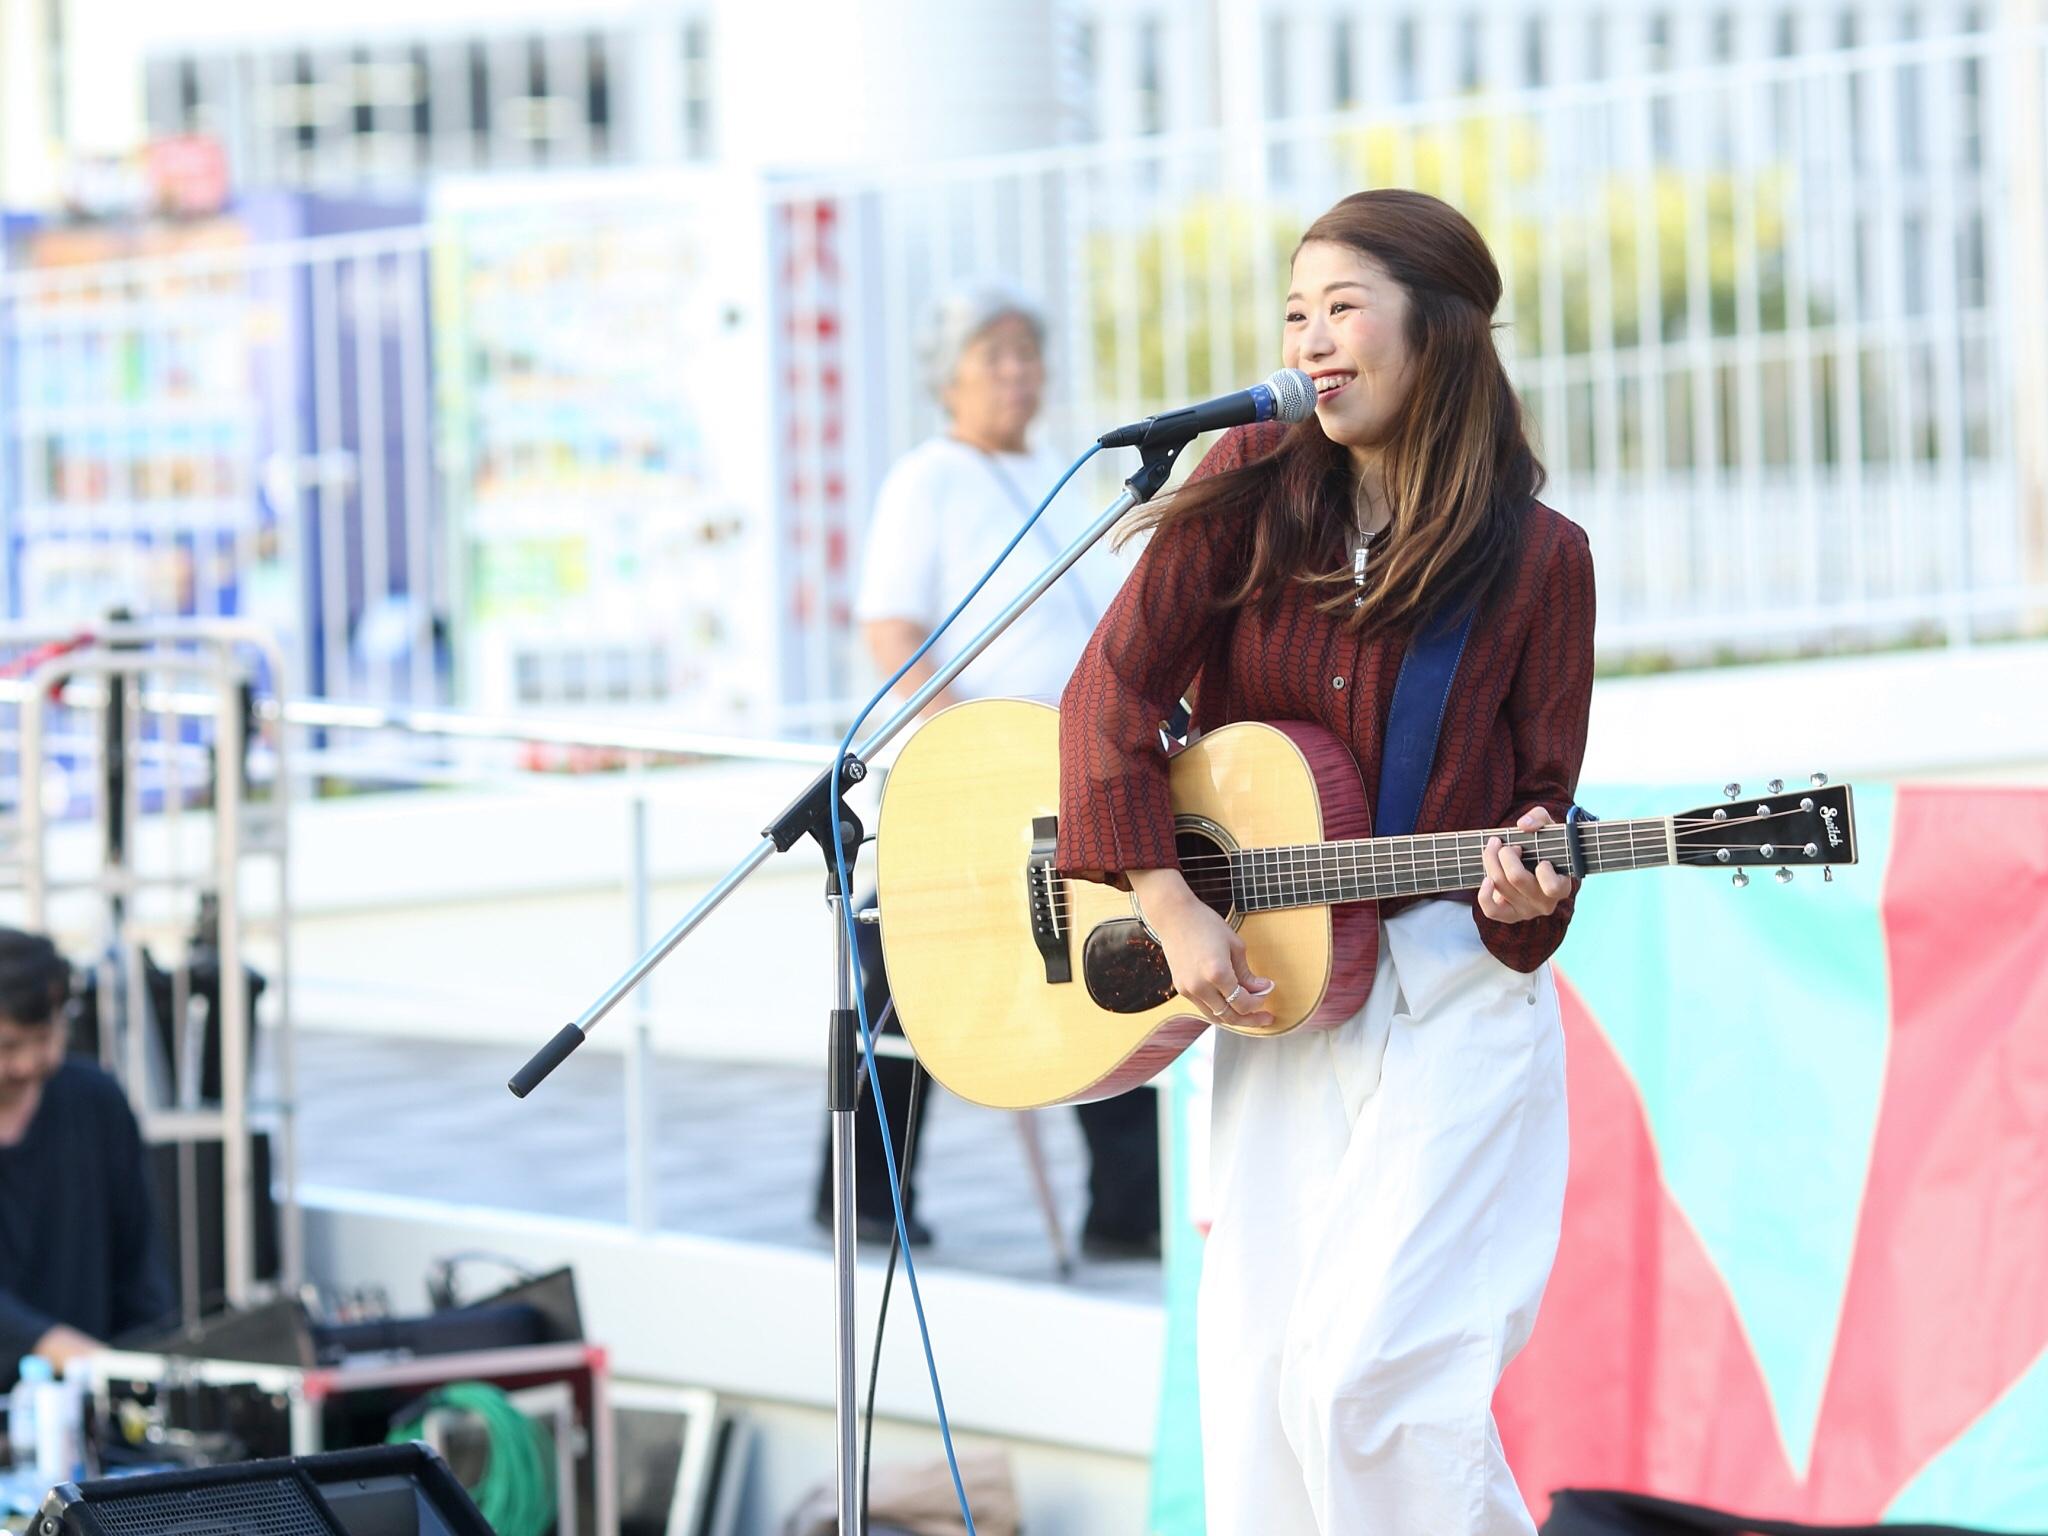 【そろそろ 秋服】シンガーソングライターうたうゆきこのLive photo【ファッション】_2